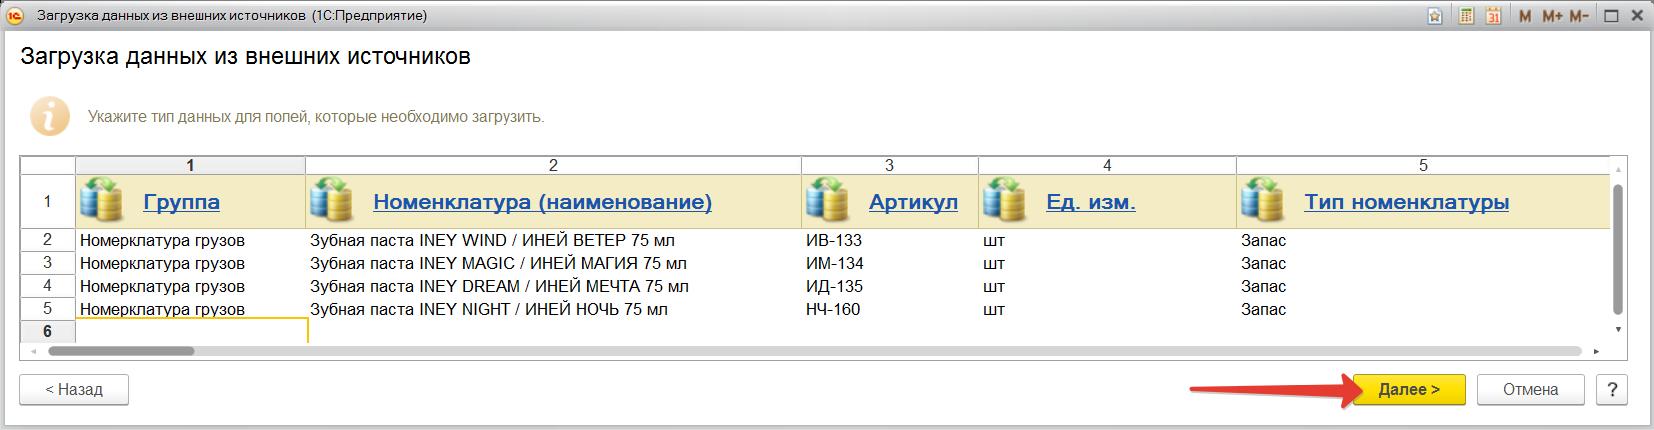 Загрузка стандарт_таблица